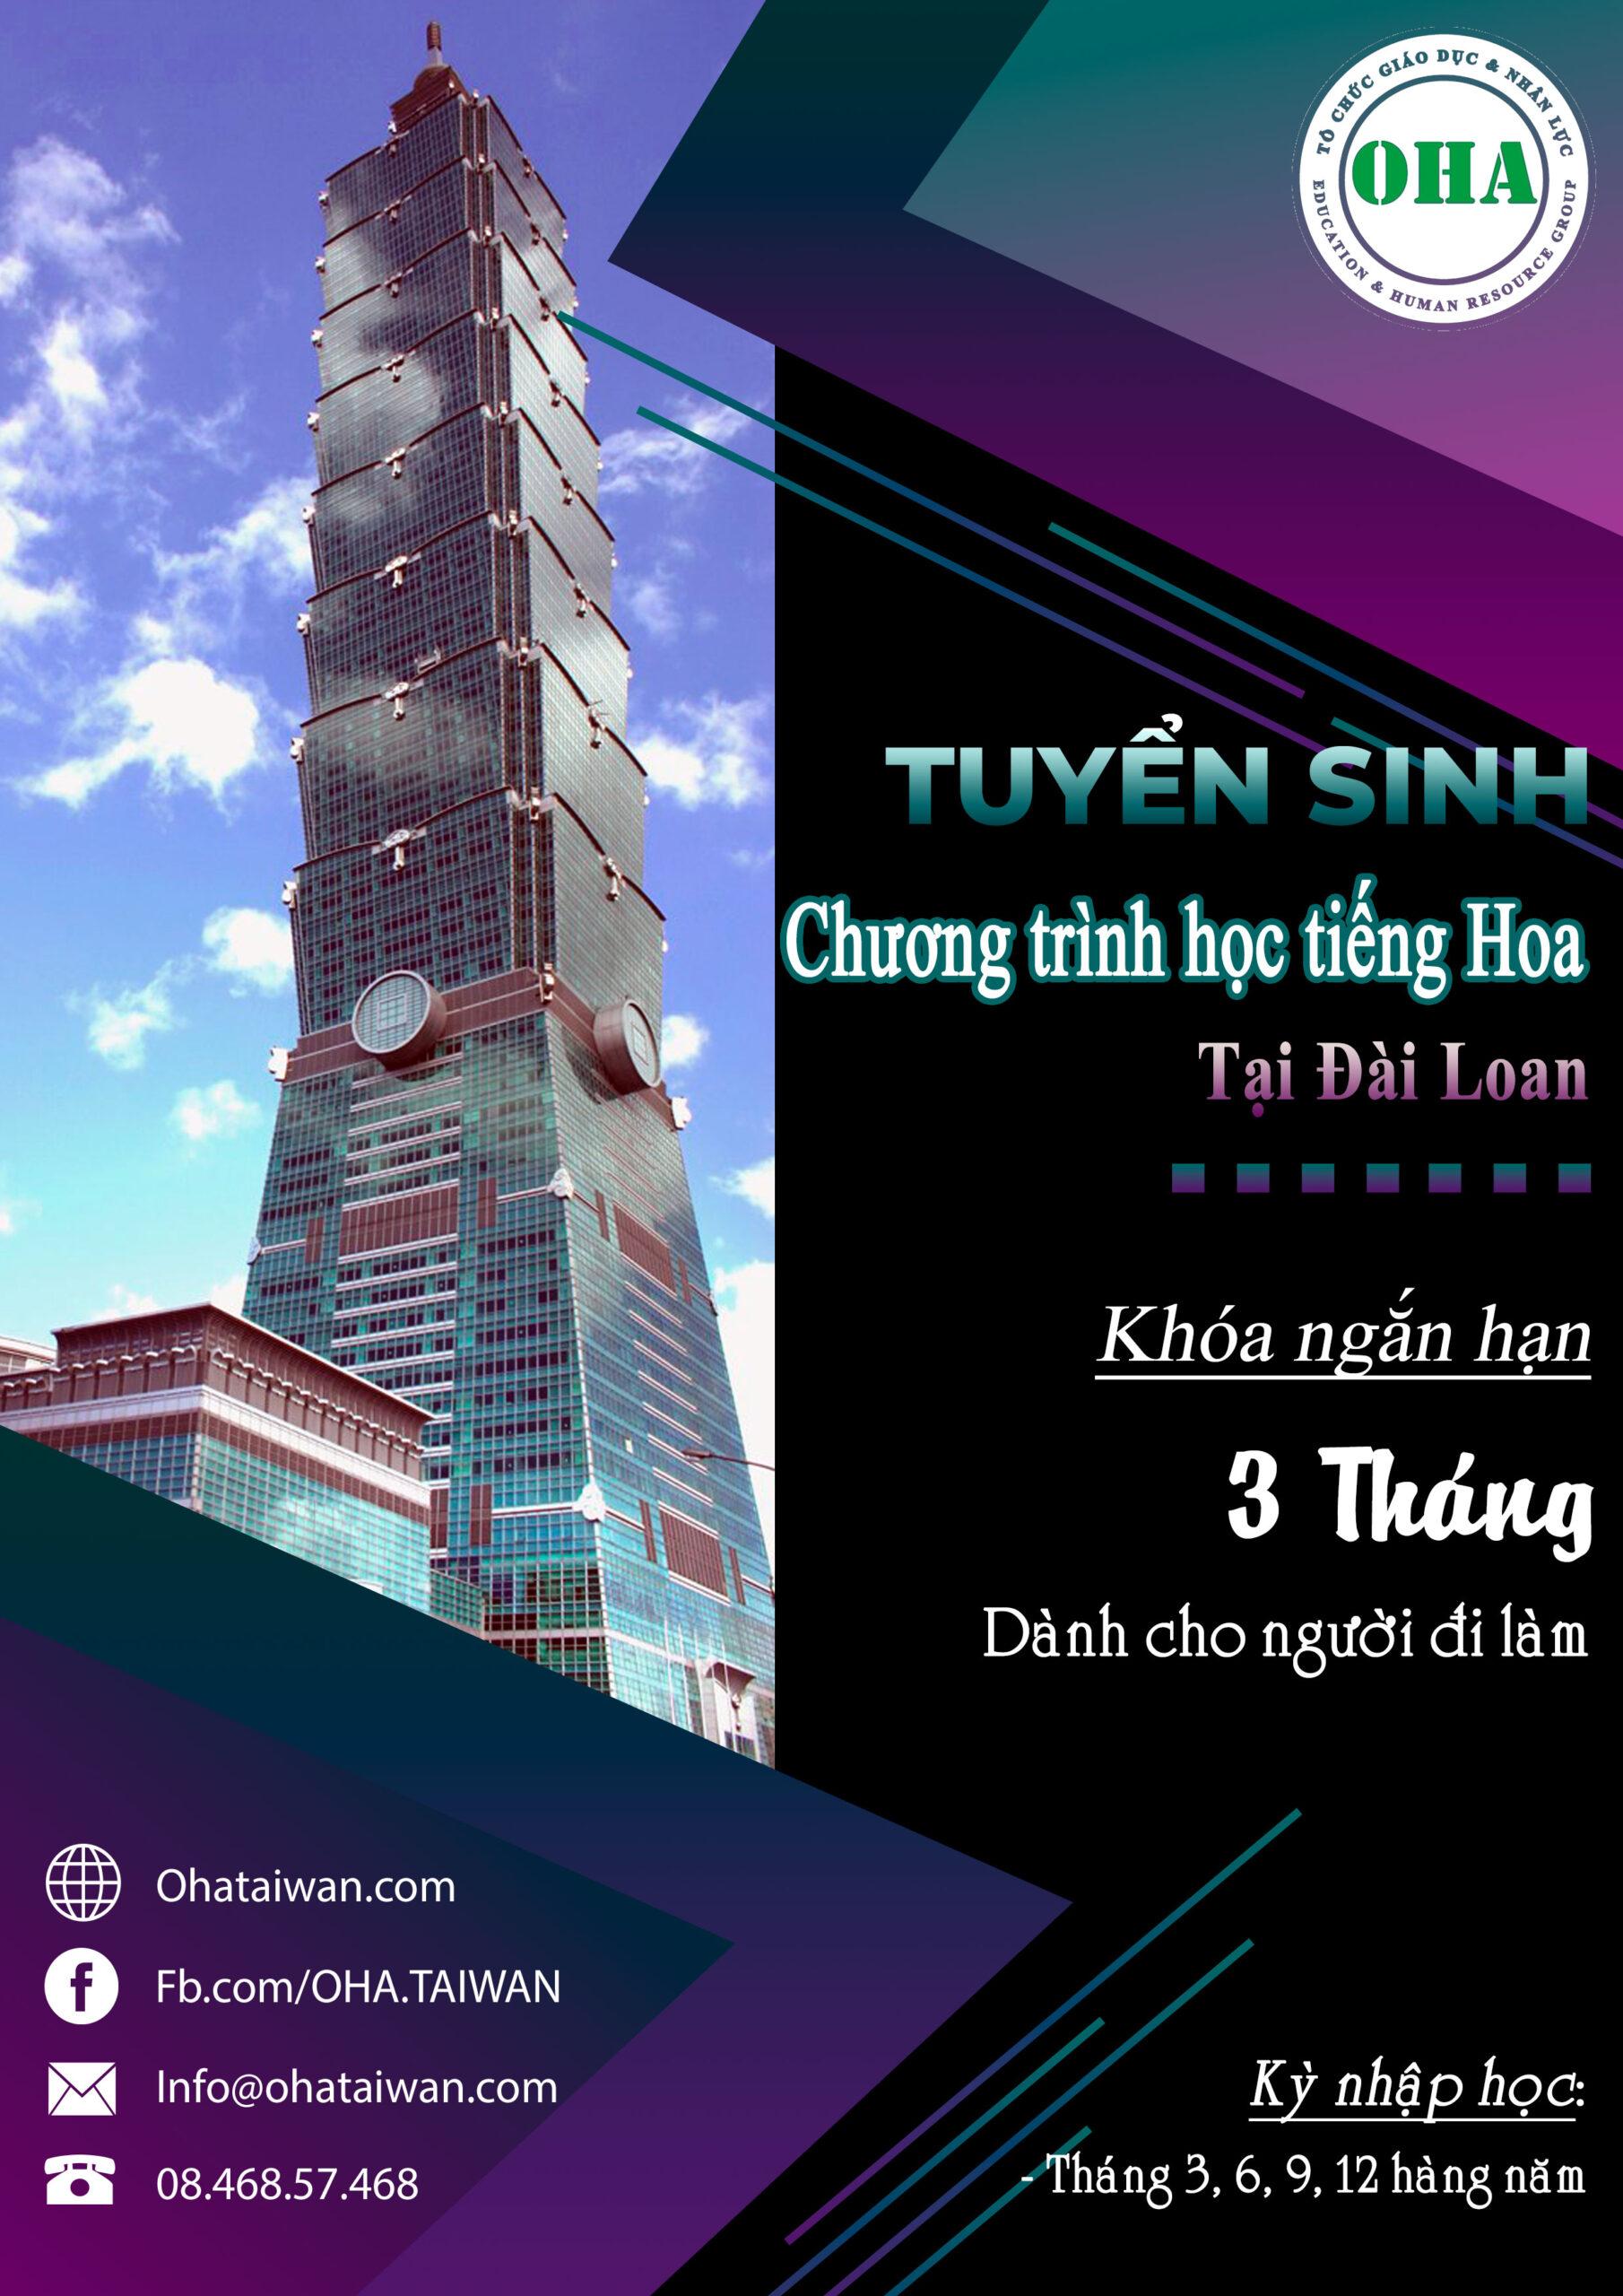 Chương trình học tiếng Hoa ngắn hạn tại Đài Loan